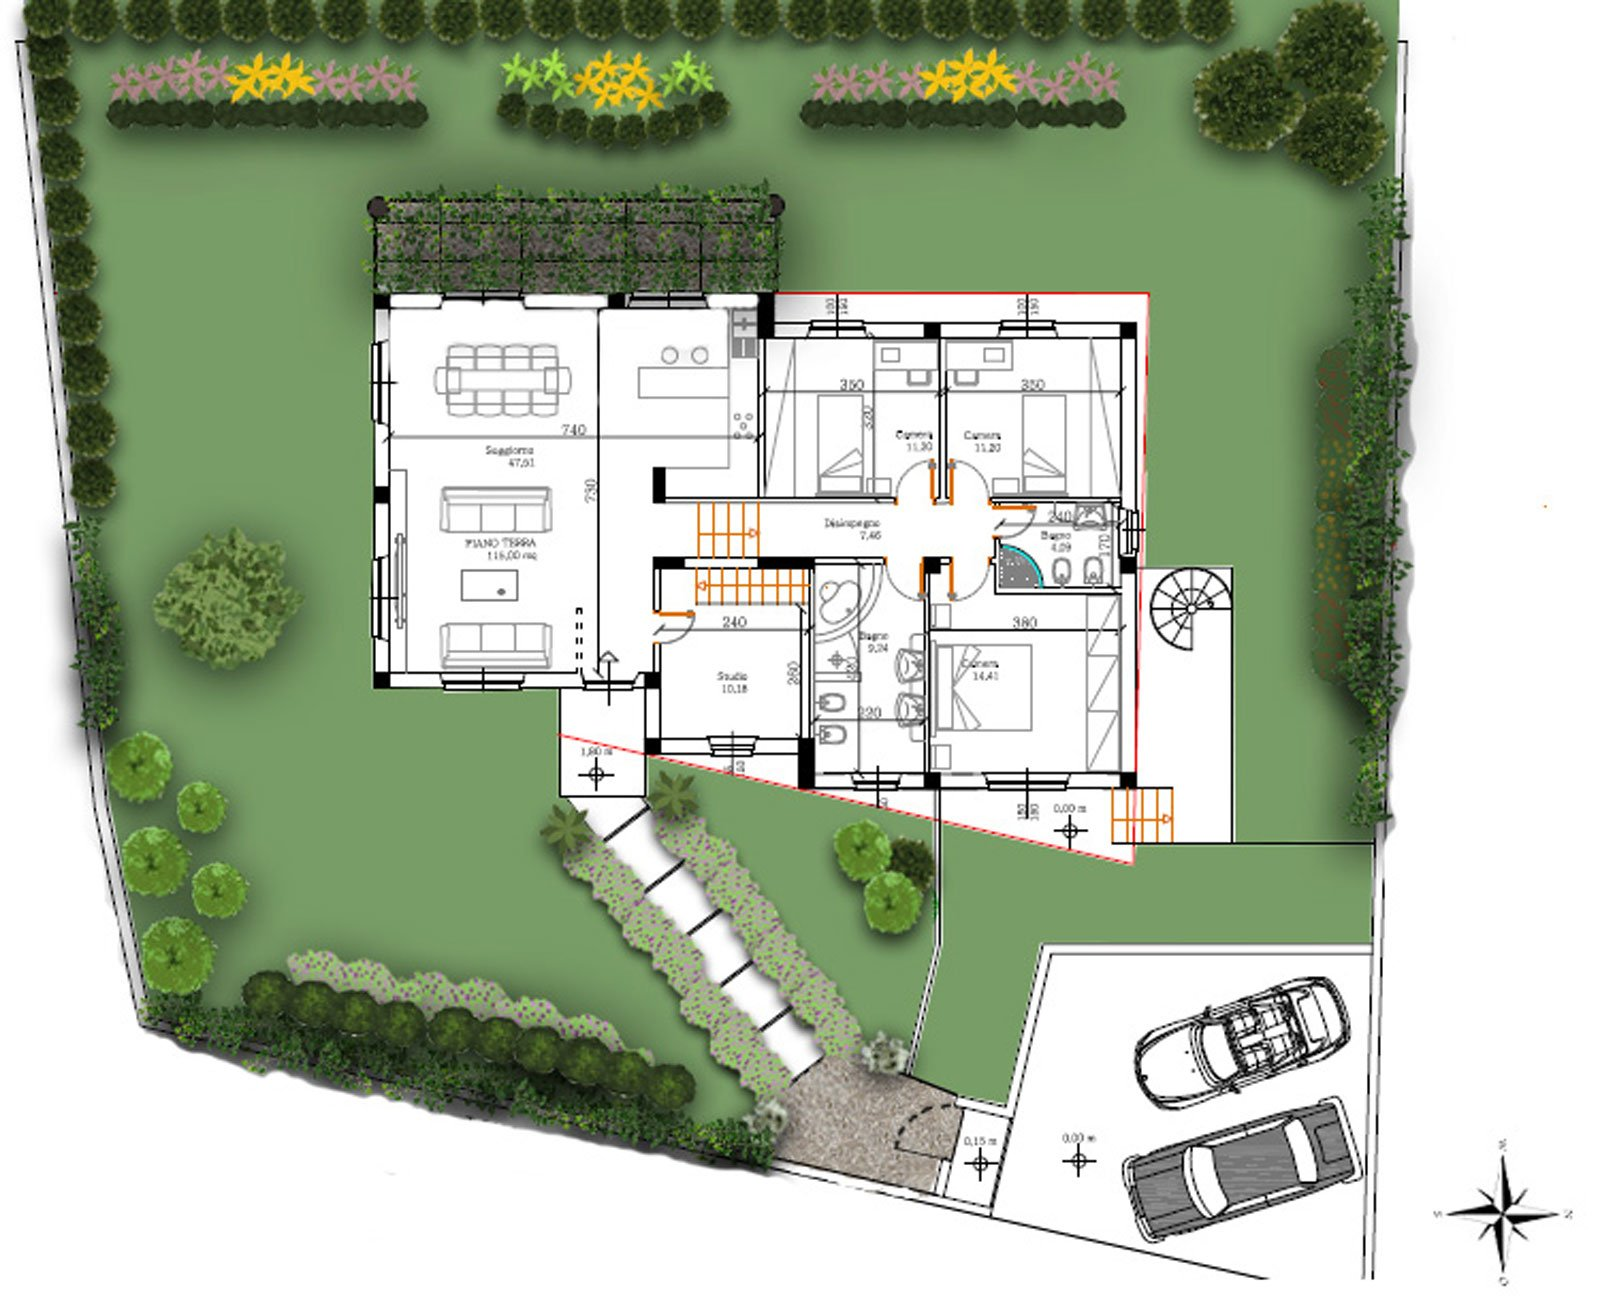 Good casabook immobiliare un progetto per il giardino for Programma per comporre cucine